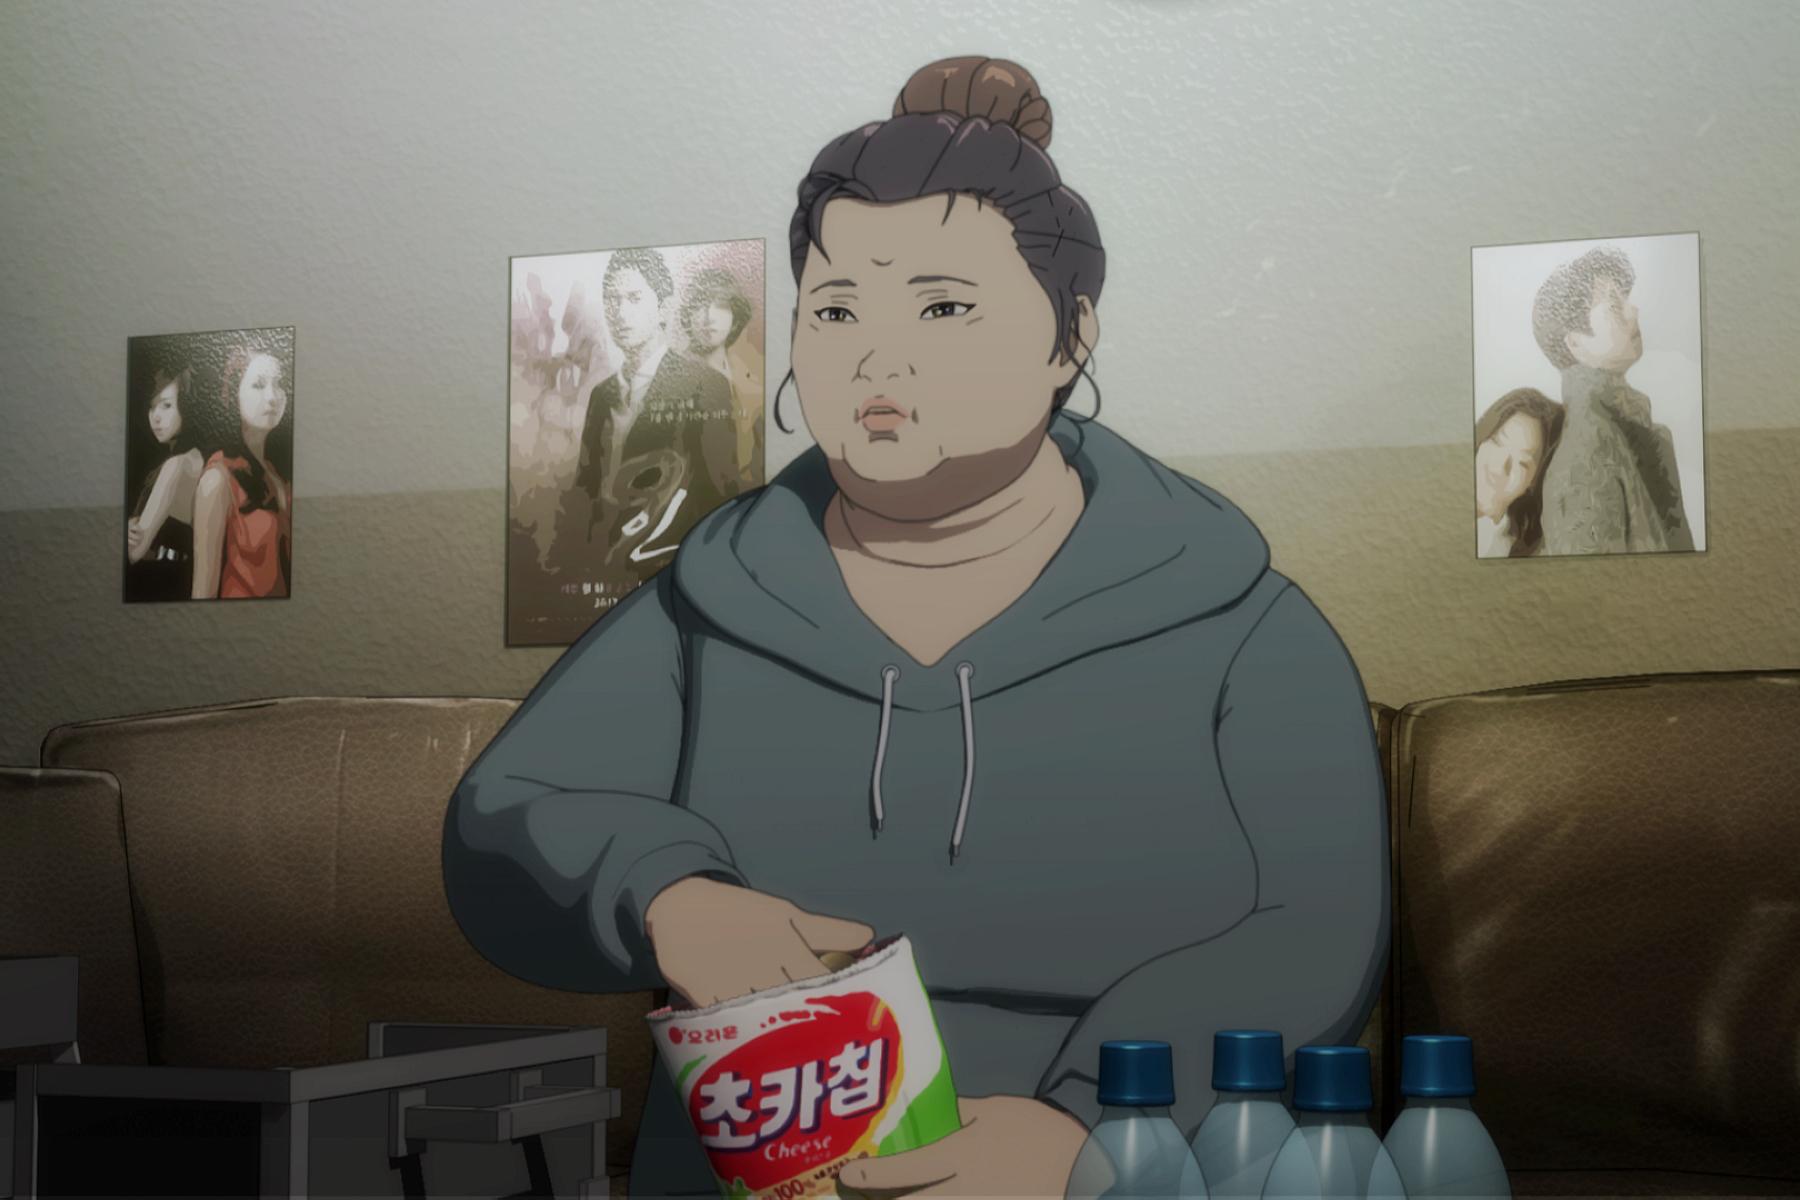 《整容液》本片在南韓上映,一舉奪得新片類首日票房冠軍